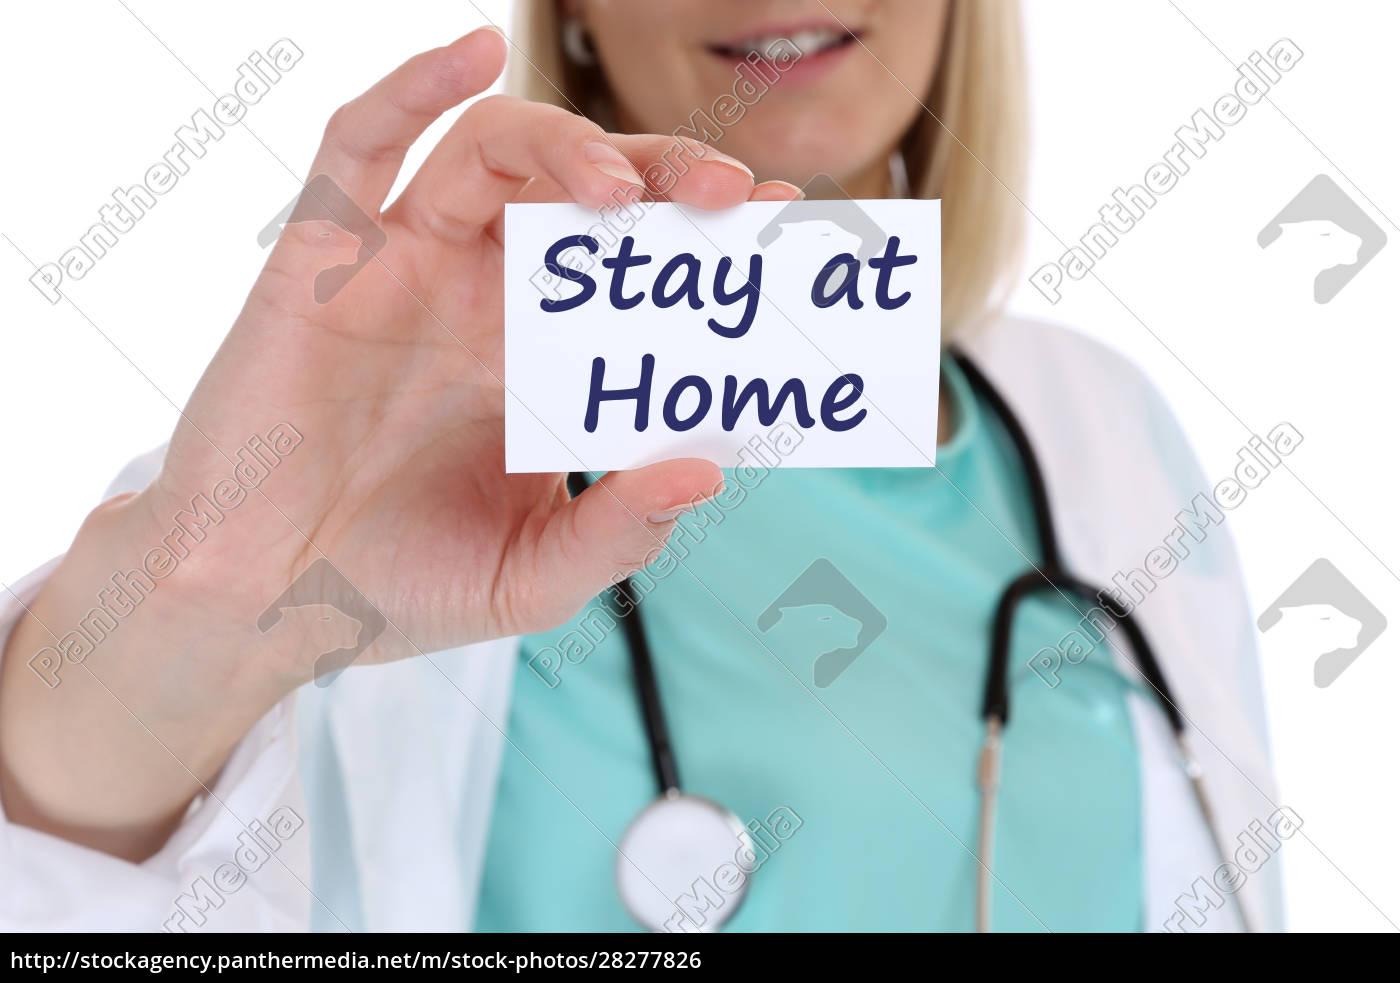 stay, at, home, corona, virus, coronavirus - 28277826